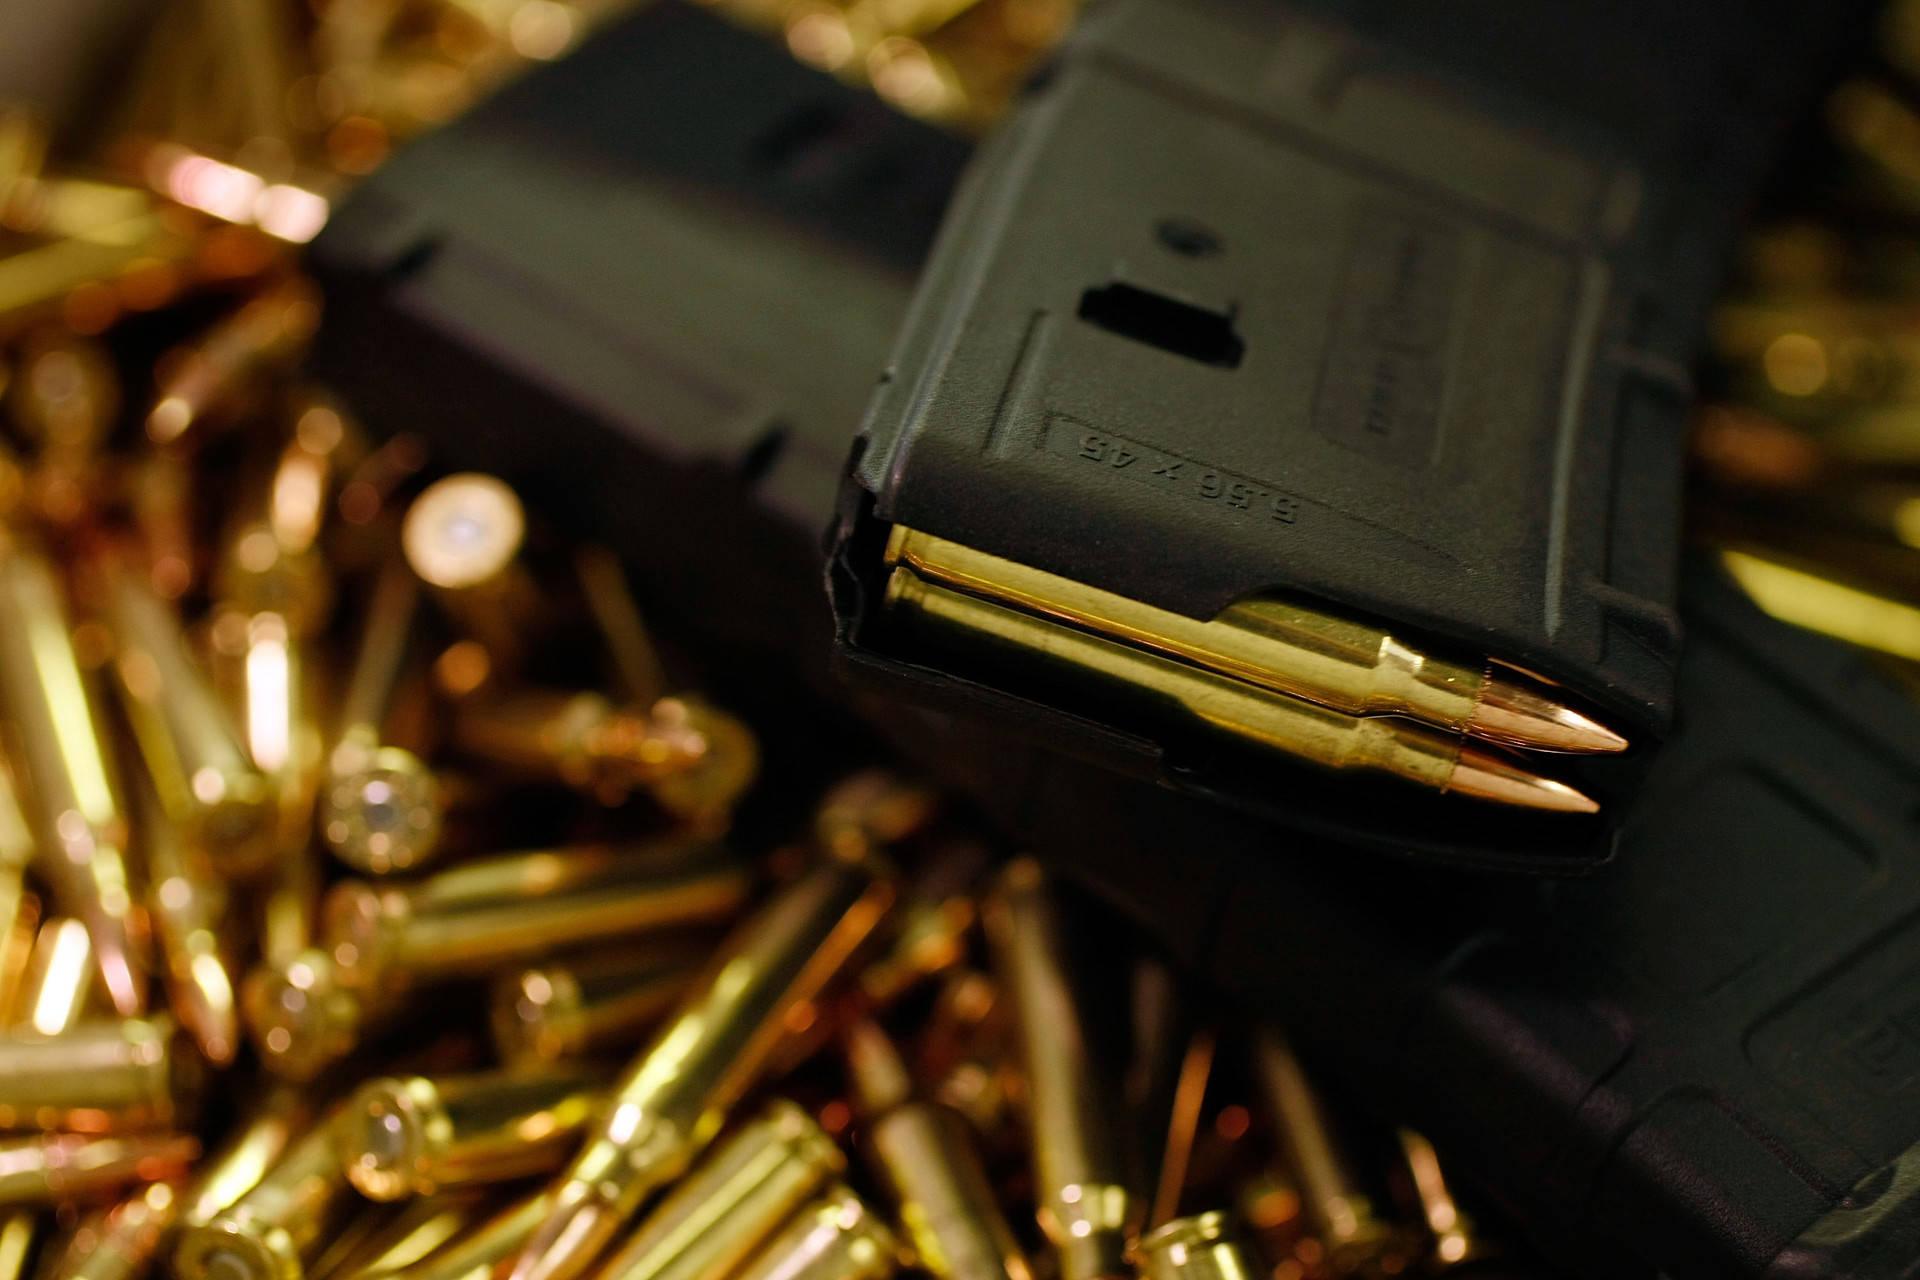 Drunken Steroid Dealer Busted After Recklessly Firing Gun Inside His Home